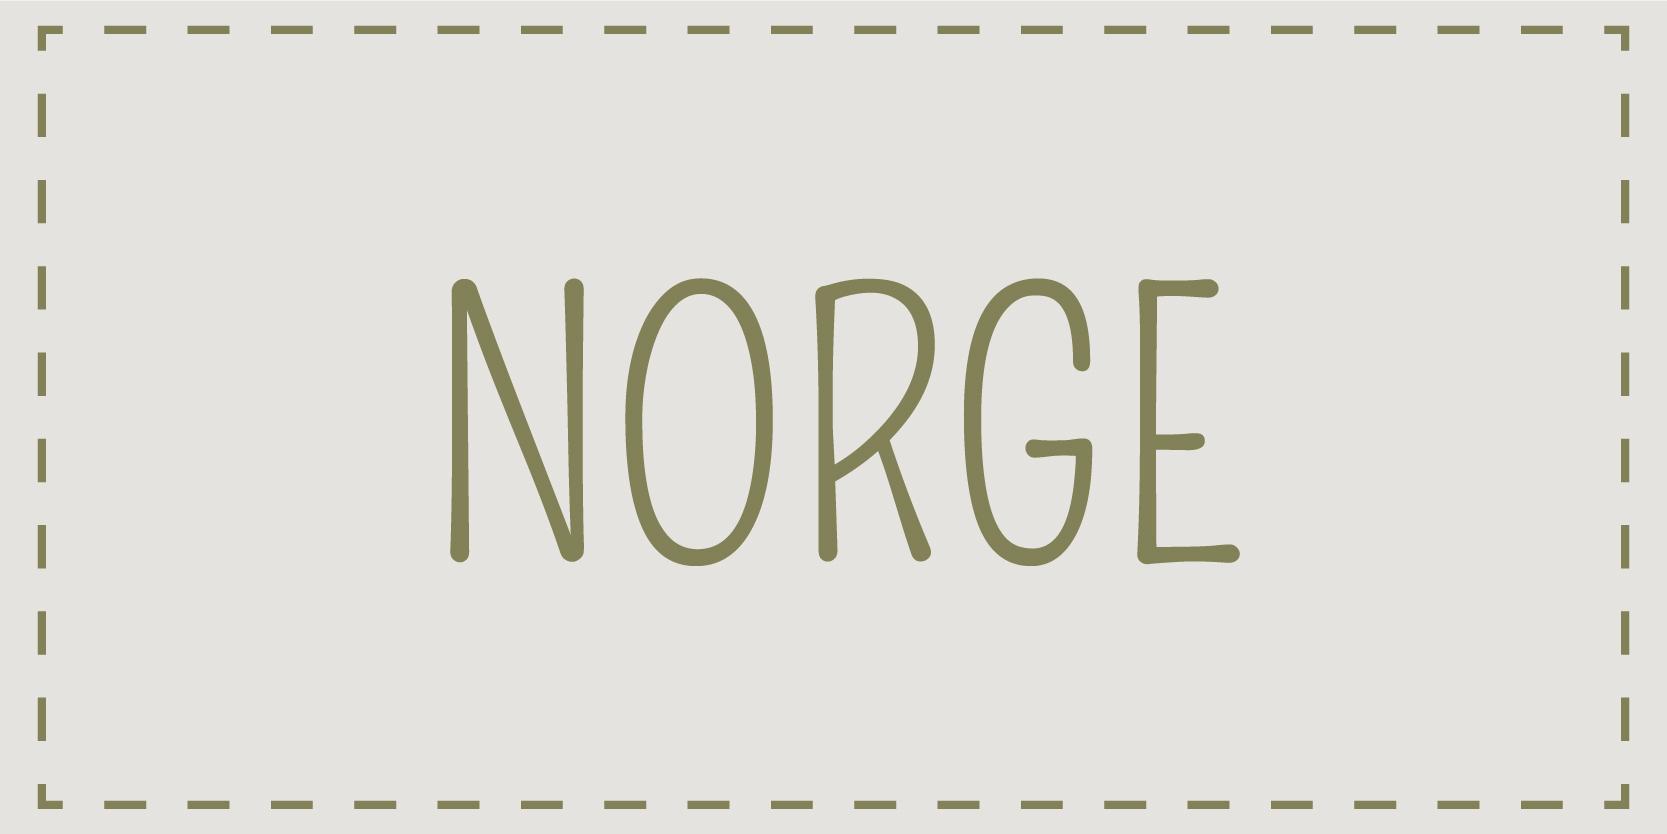 norge+resmål+guide+blogg